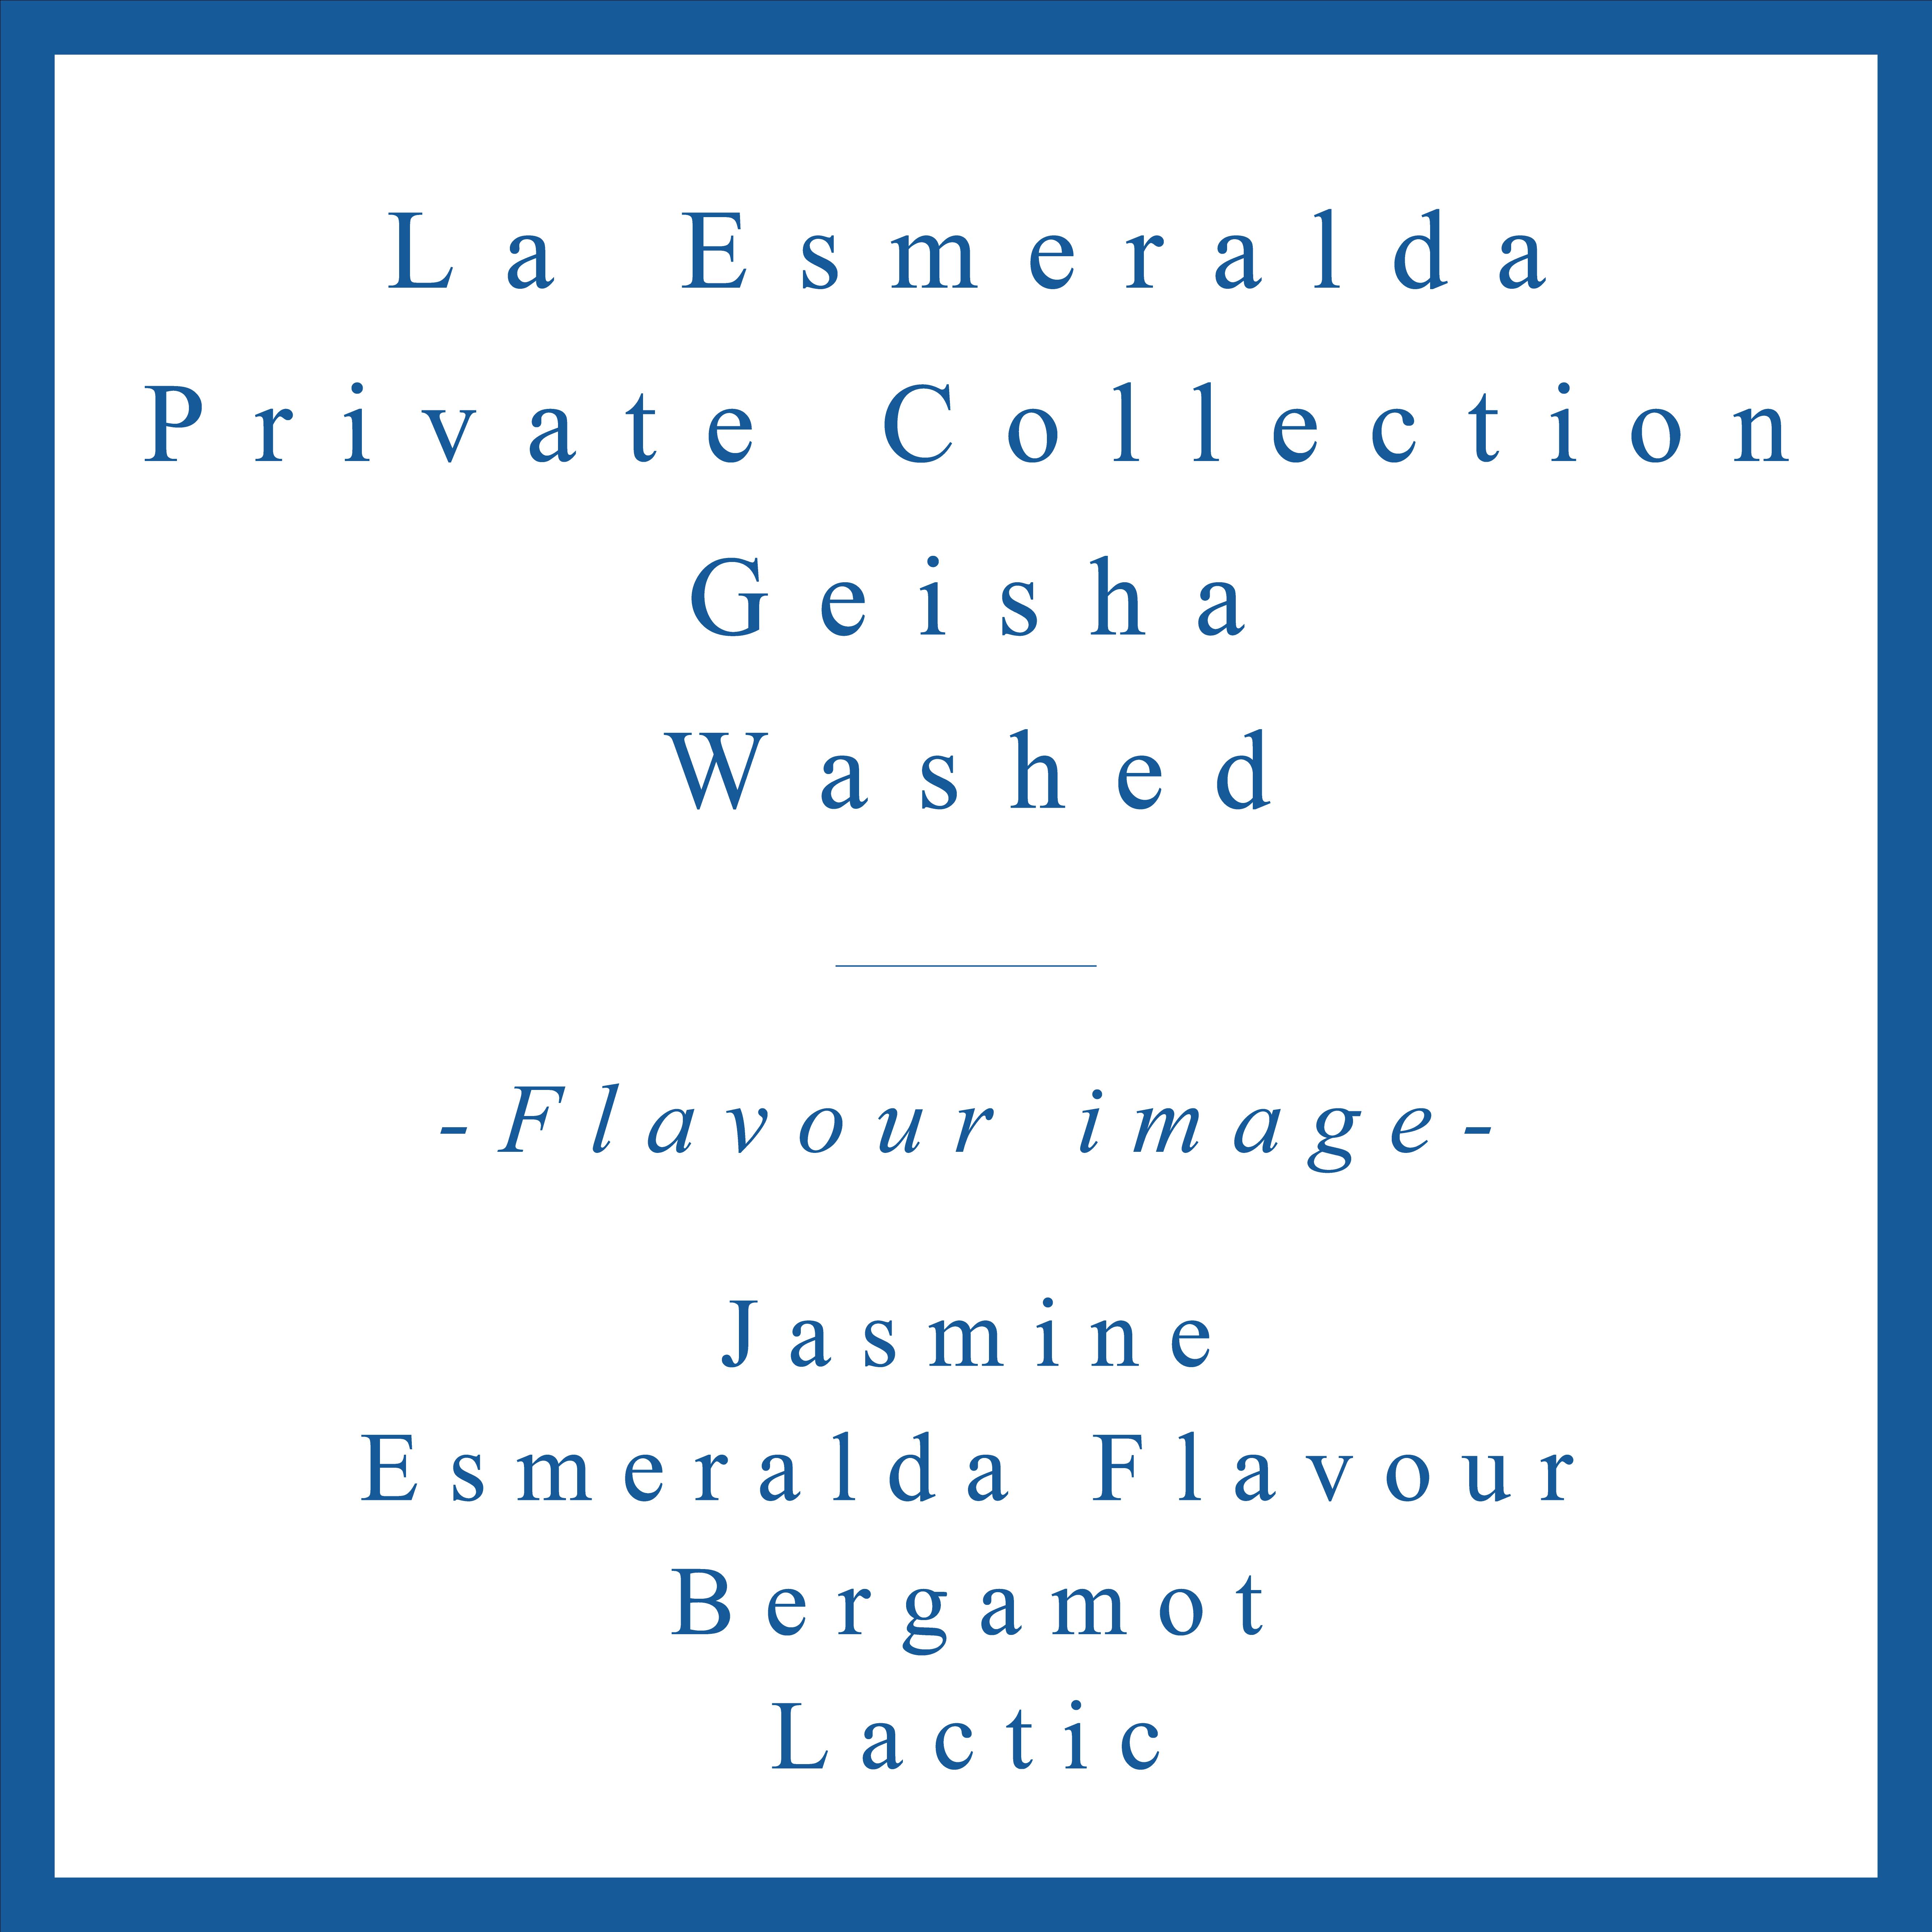 La Esmeralda Private Collection Geisha Washed